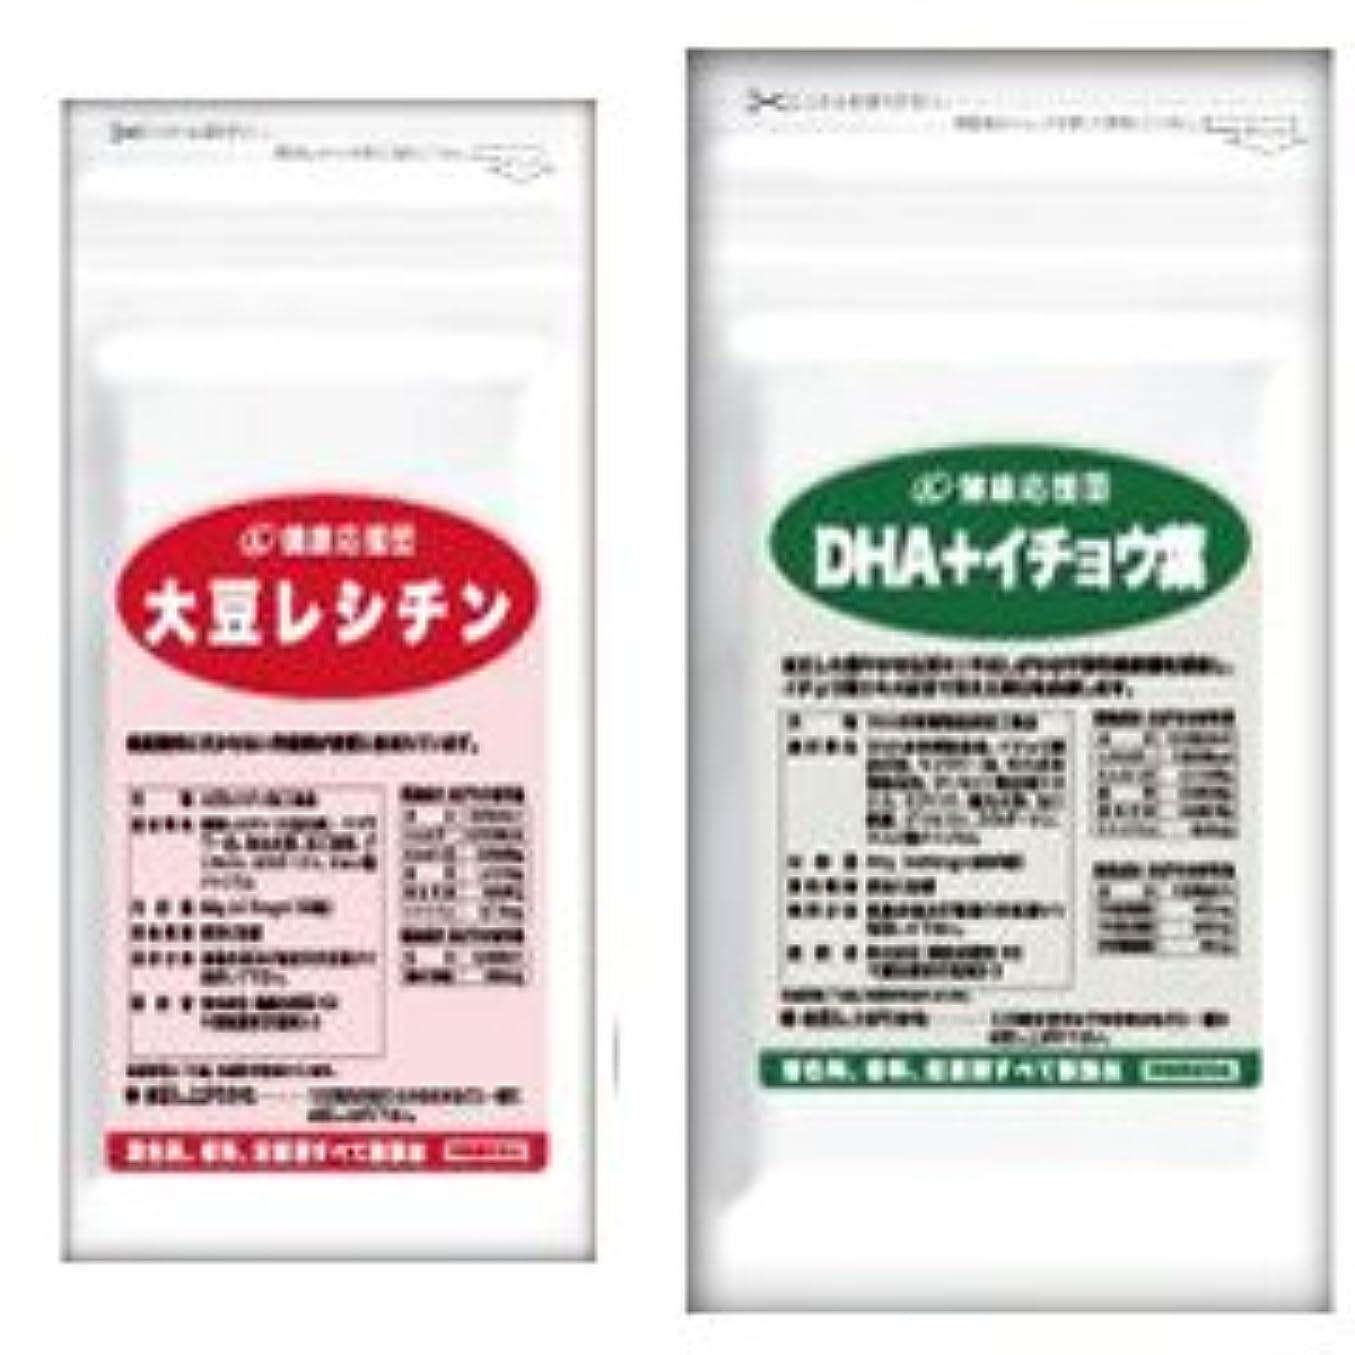 異常なバナナ洪水流れサラサラセット 大豆レシチン+(DHA+イチョウ葉) (DHA?EPA?イチョウ葉)